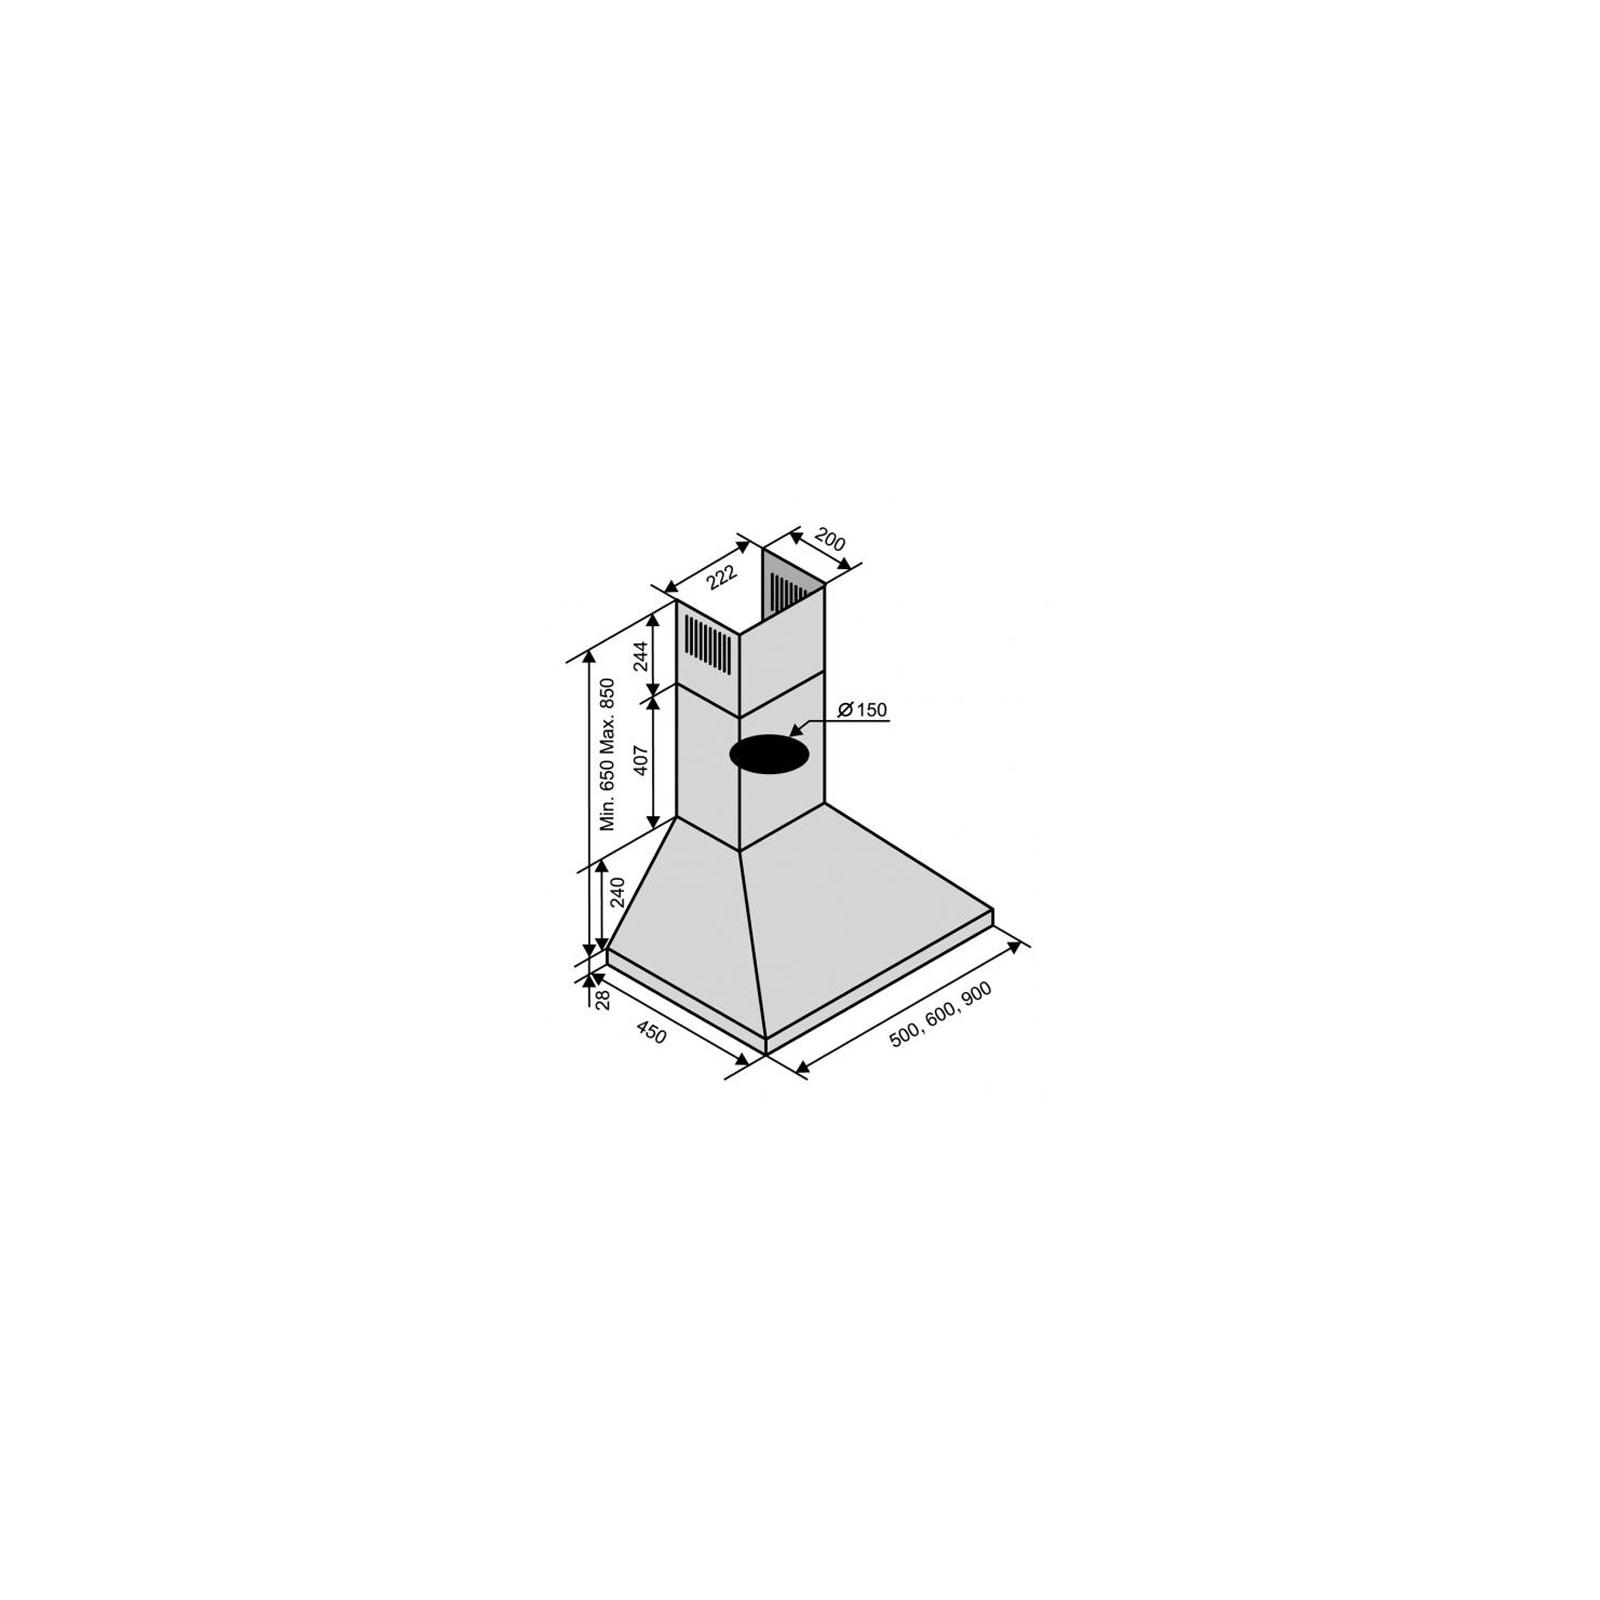 Вытяжка кухонная VENTOLUX MILANO 60 INOX (1000) IT изображение 2